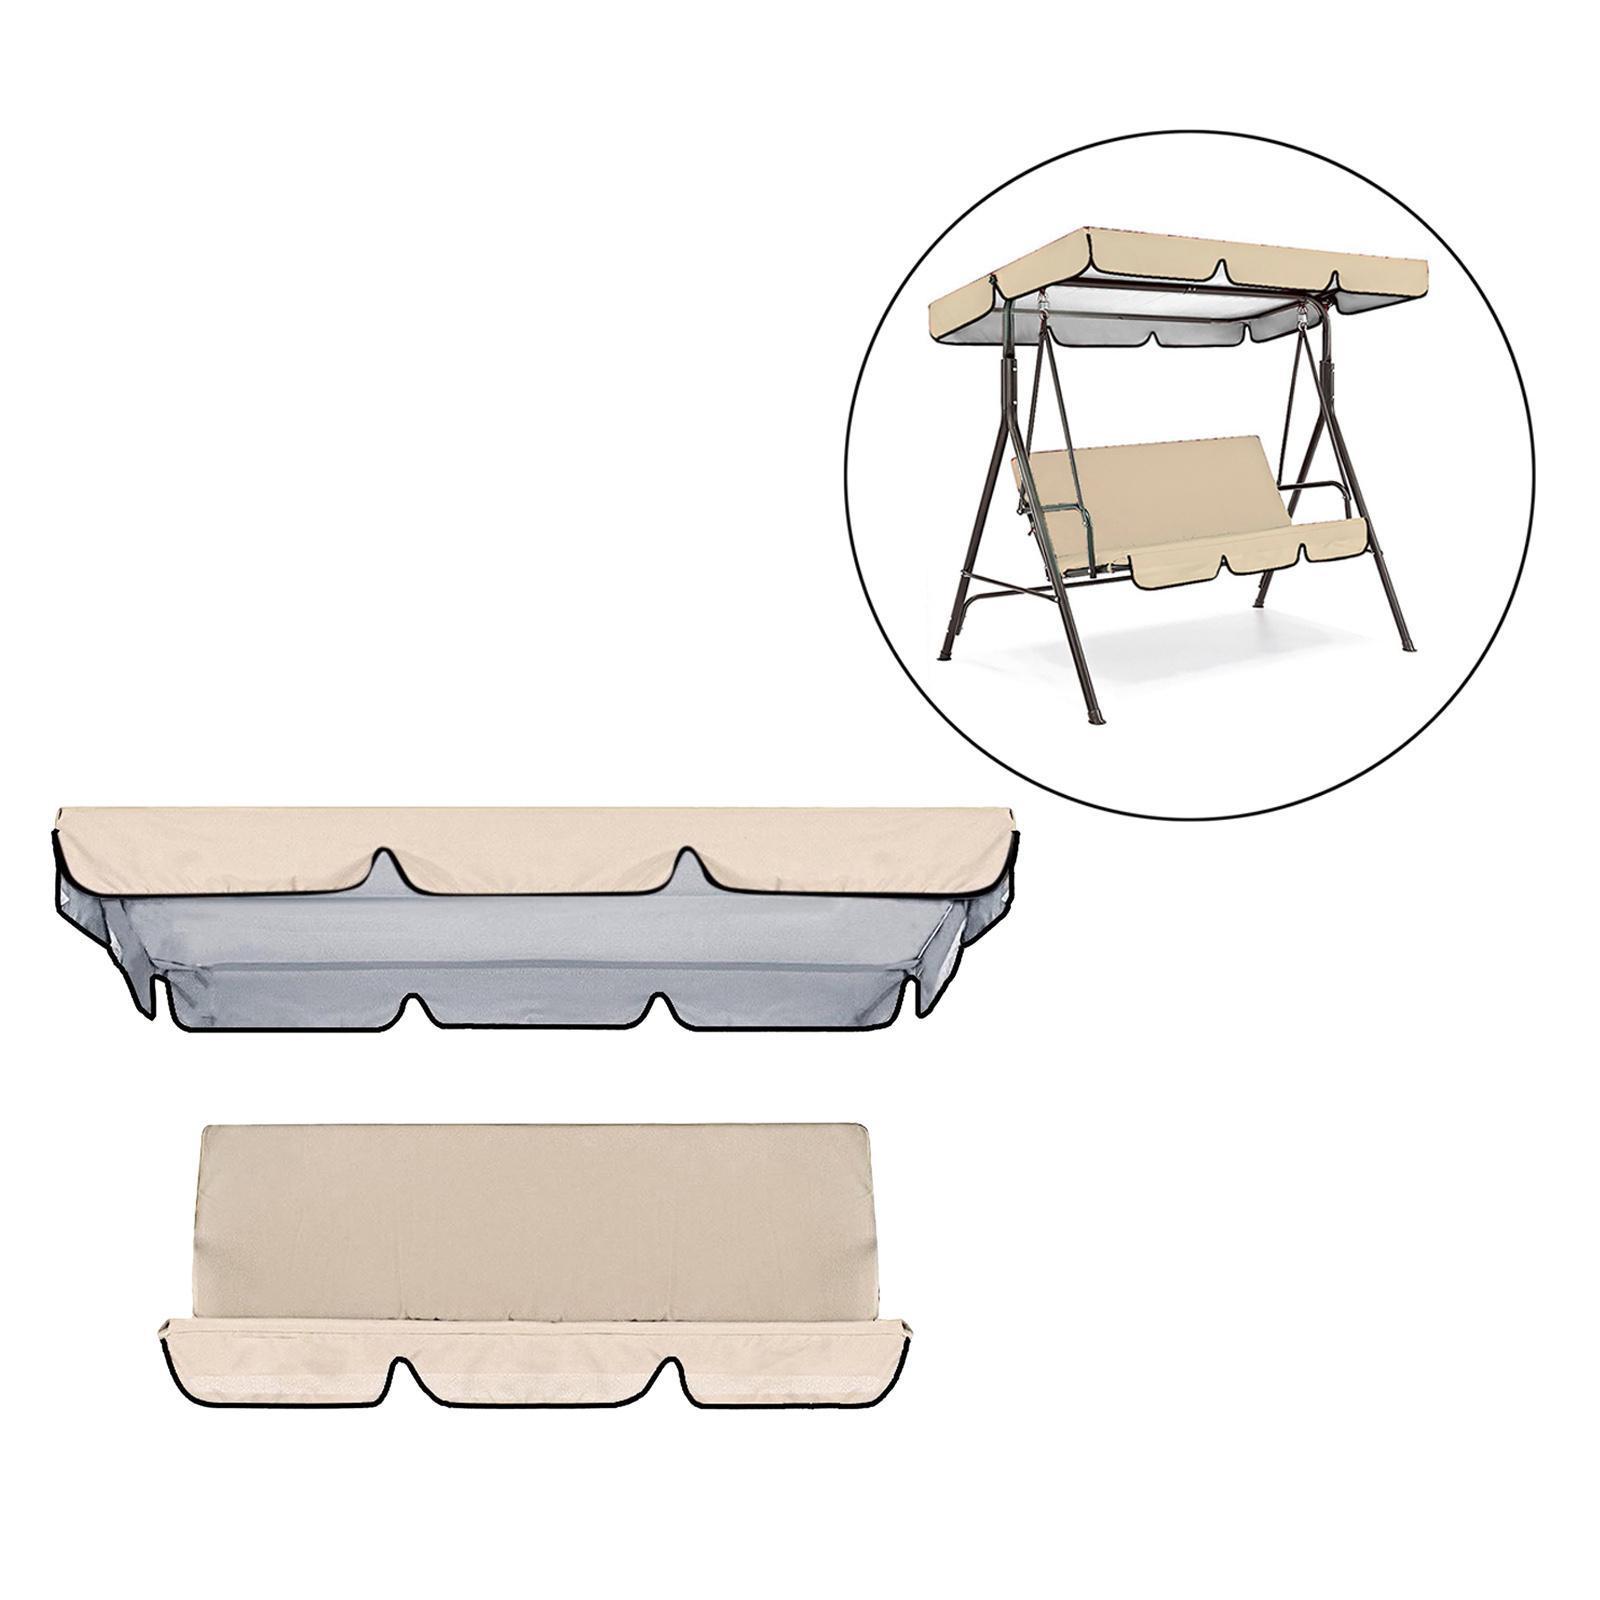 miniatura 21 - Coprisedile di ricambio per amaca per sedia a dondolo da esterno per patio